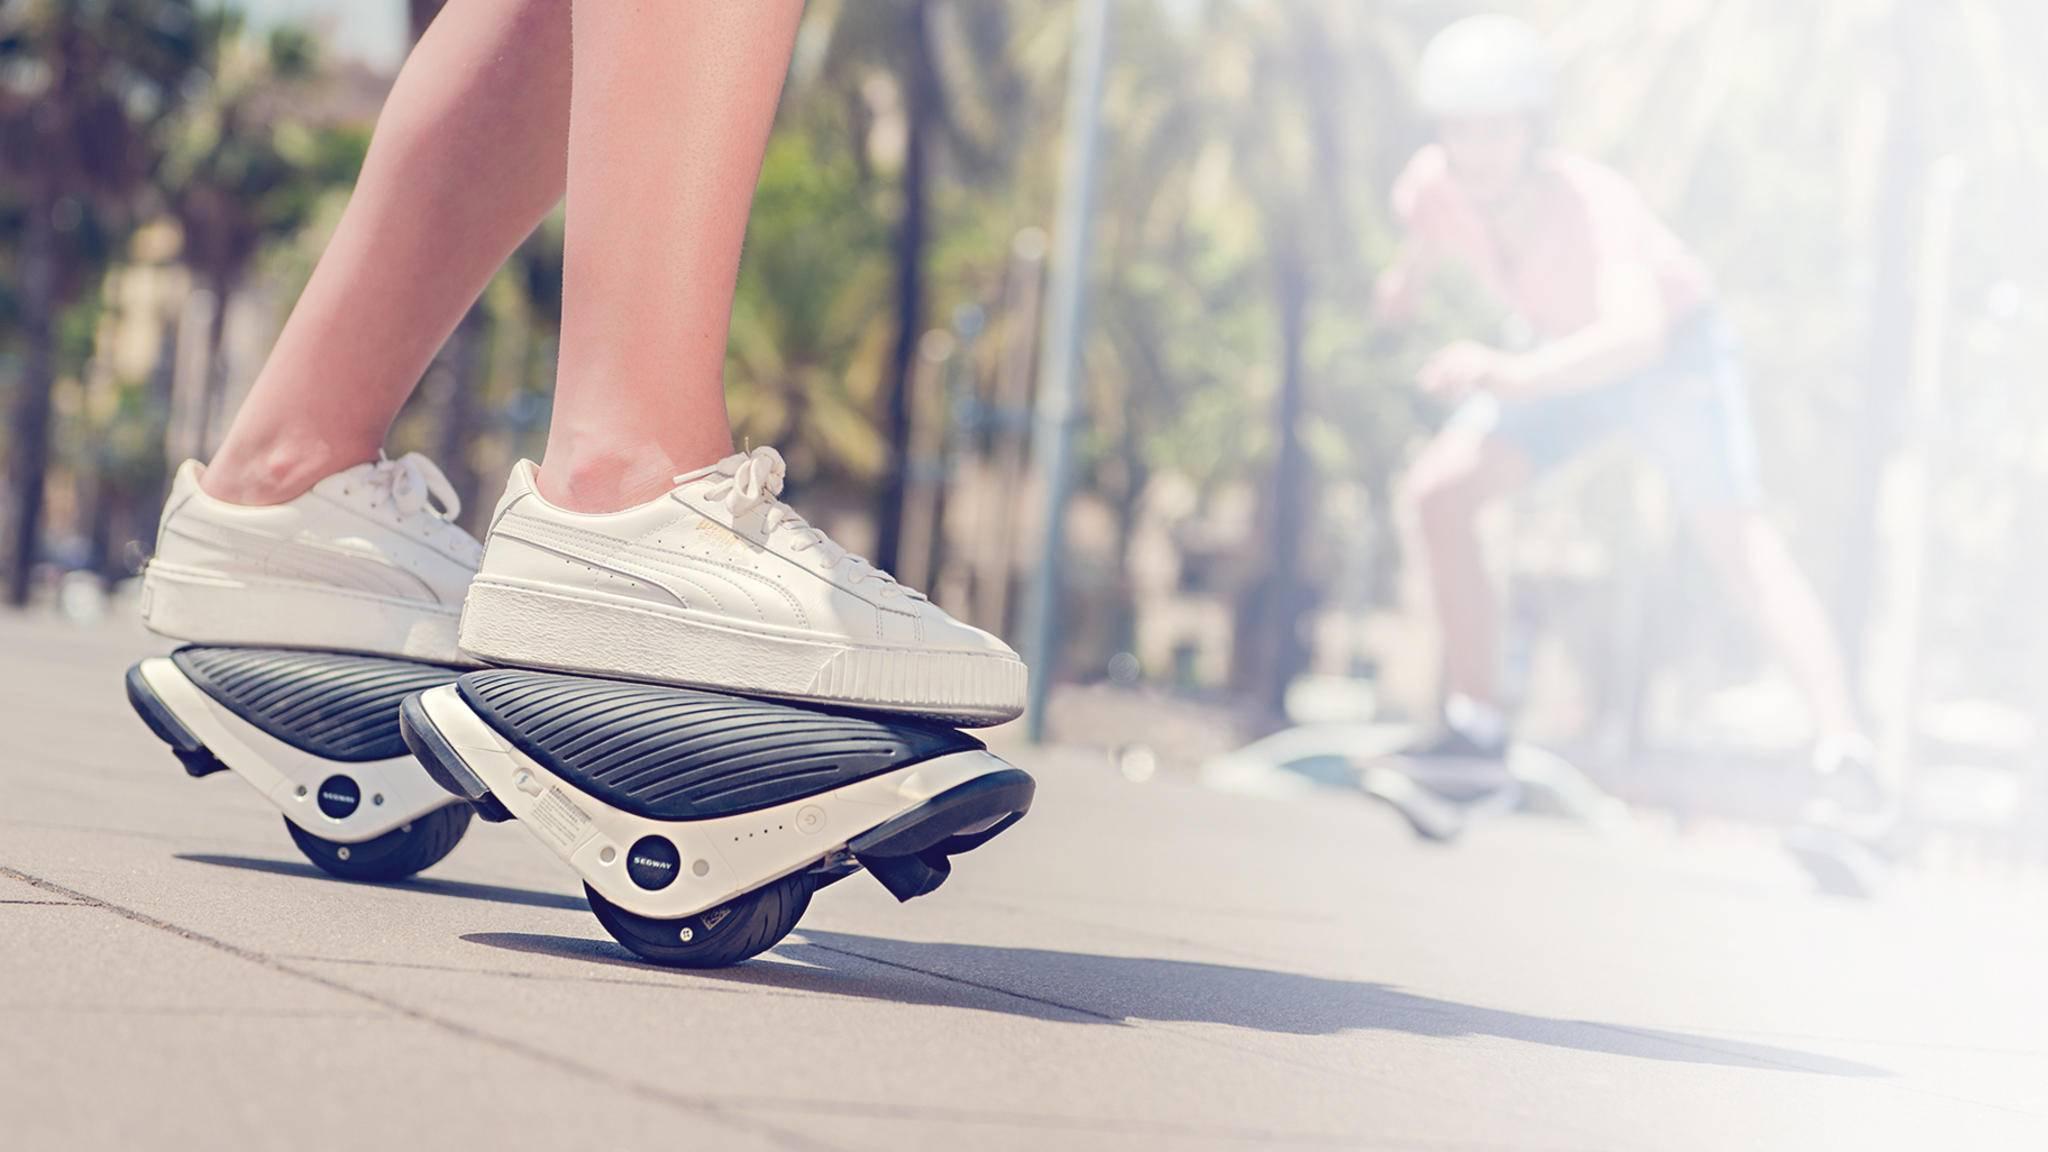 Ungewohnter Anblick: Segways Drift W1 sind eine Mischung aus Rollerblades und Hoverboard.